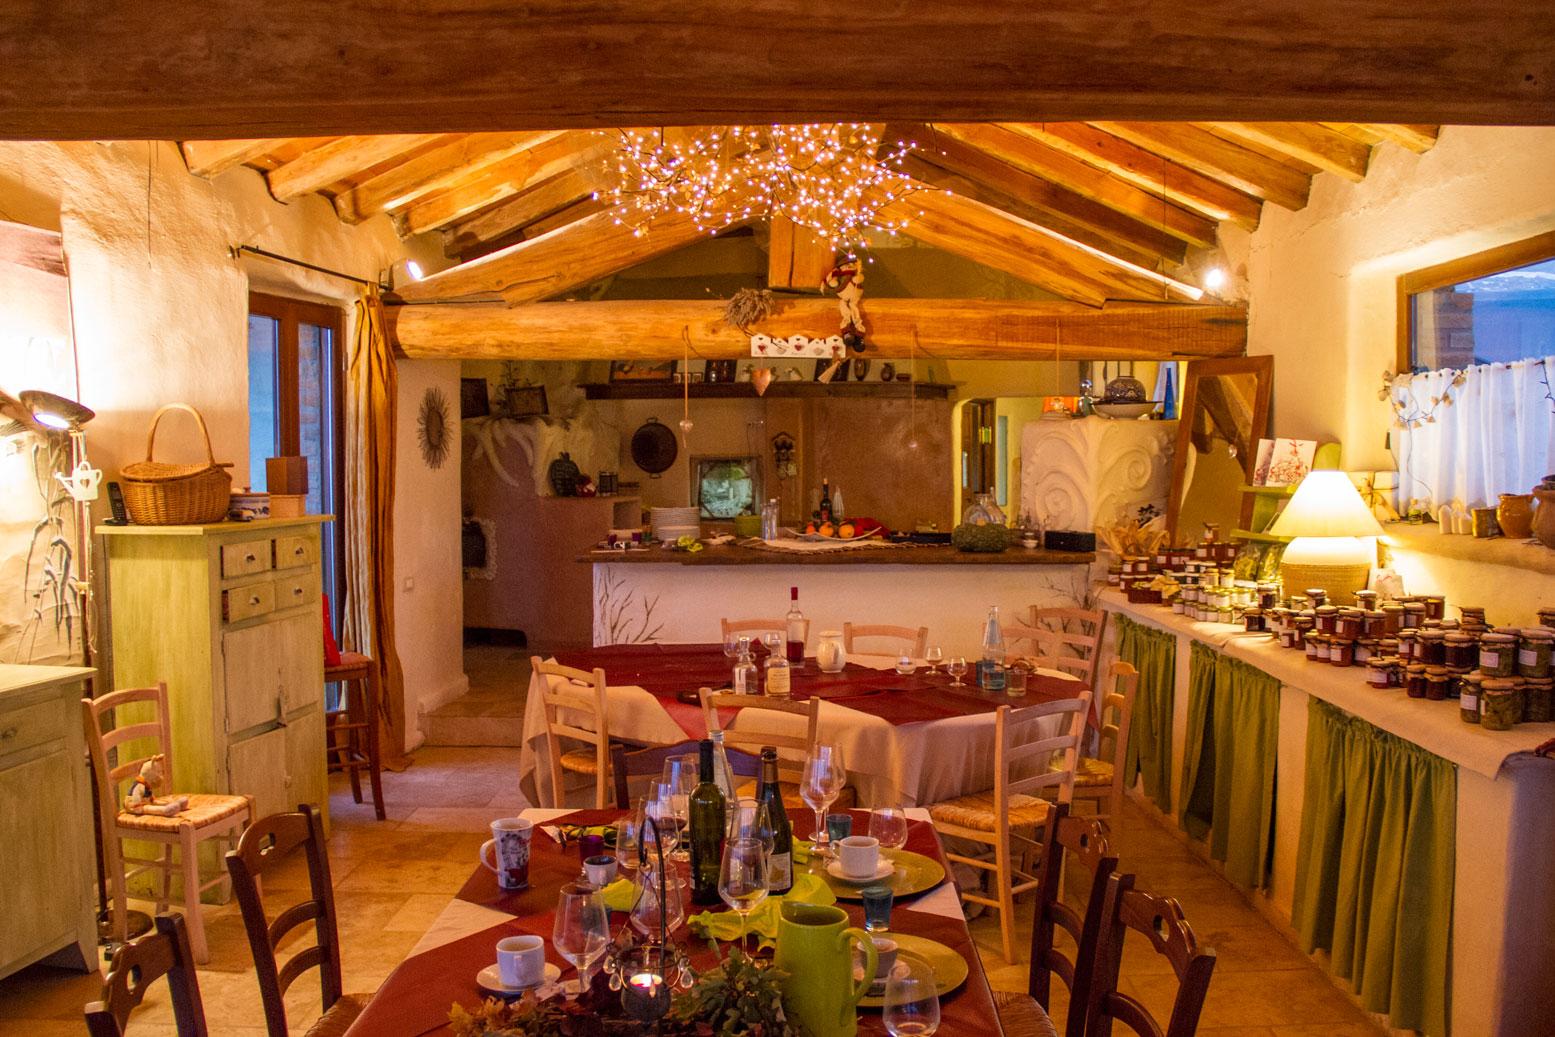 Una domenica alla casa di paglia fortunago tulipando for Piani di casa di balle di paglia di struttura in legno